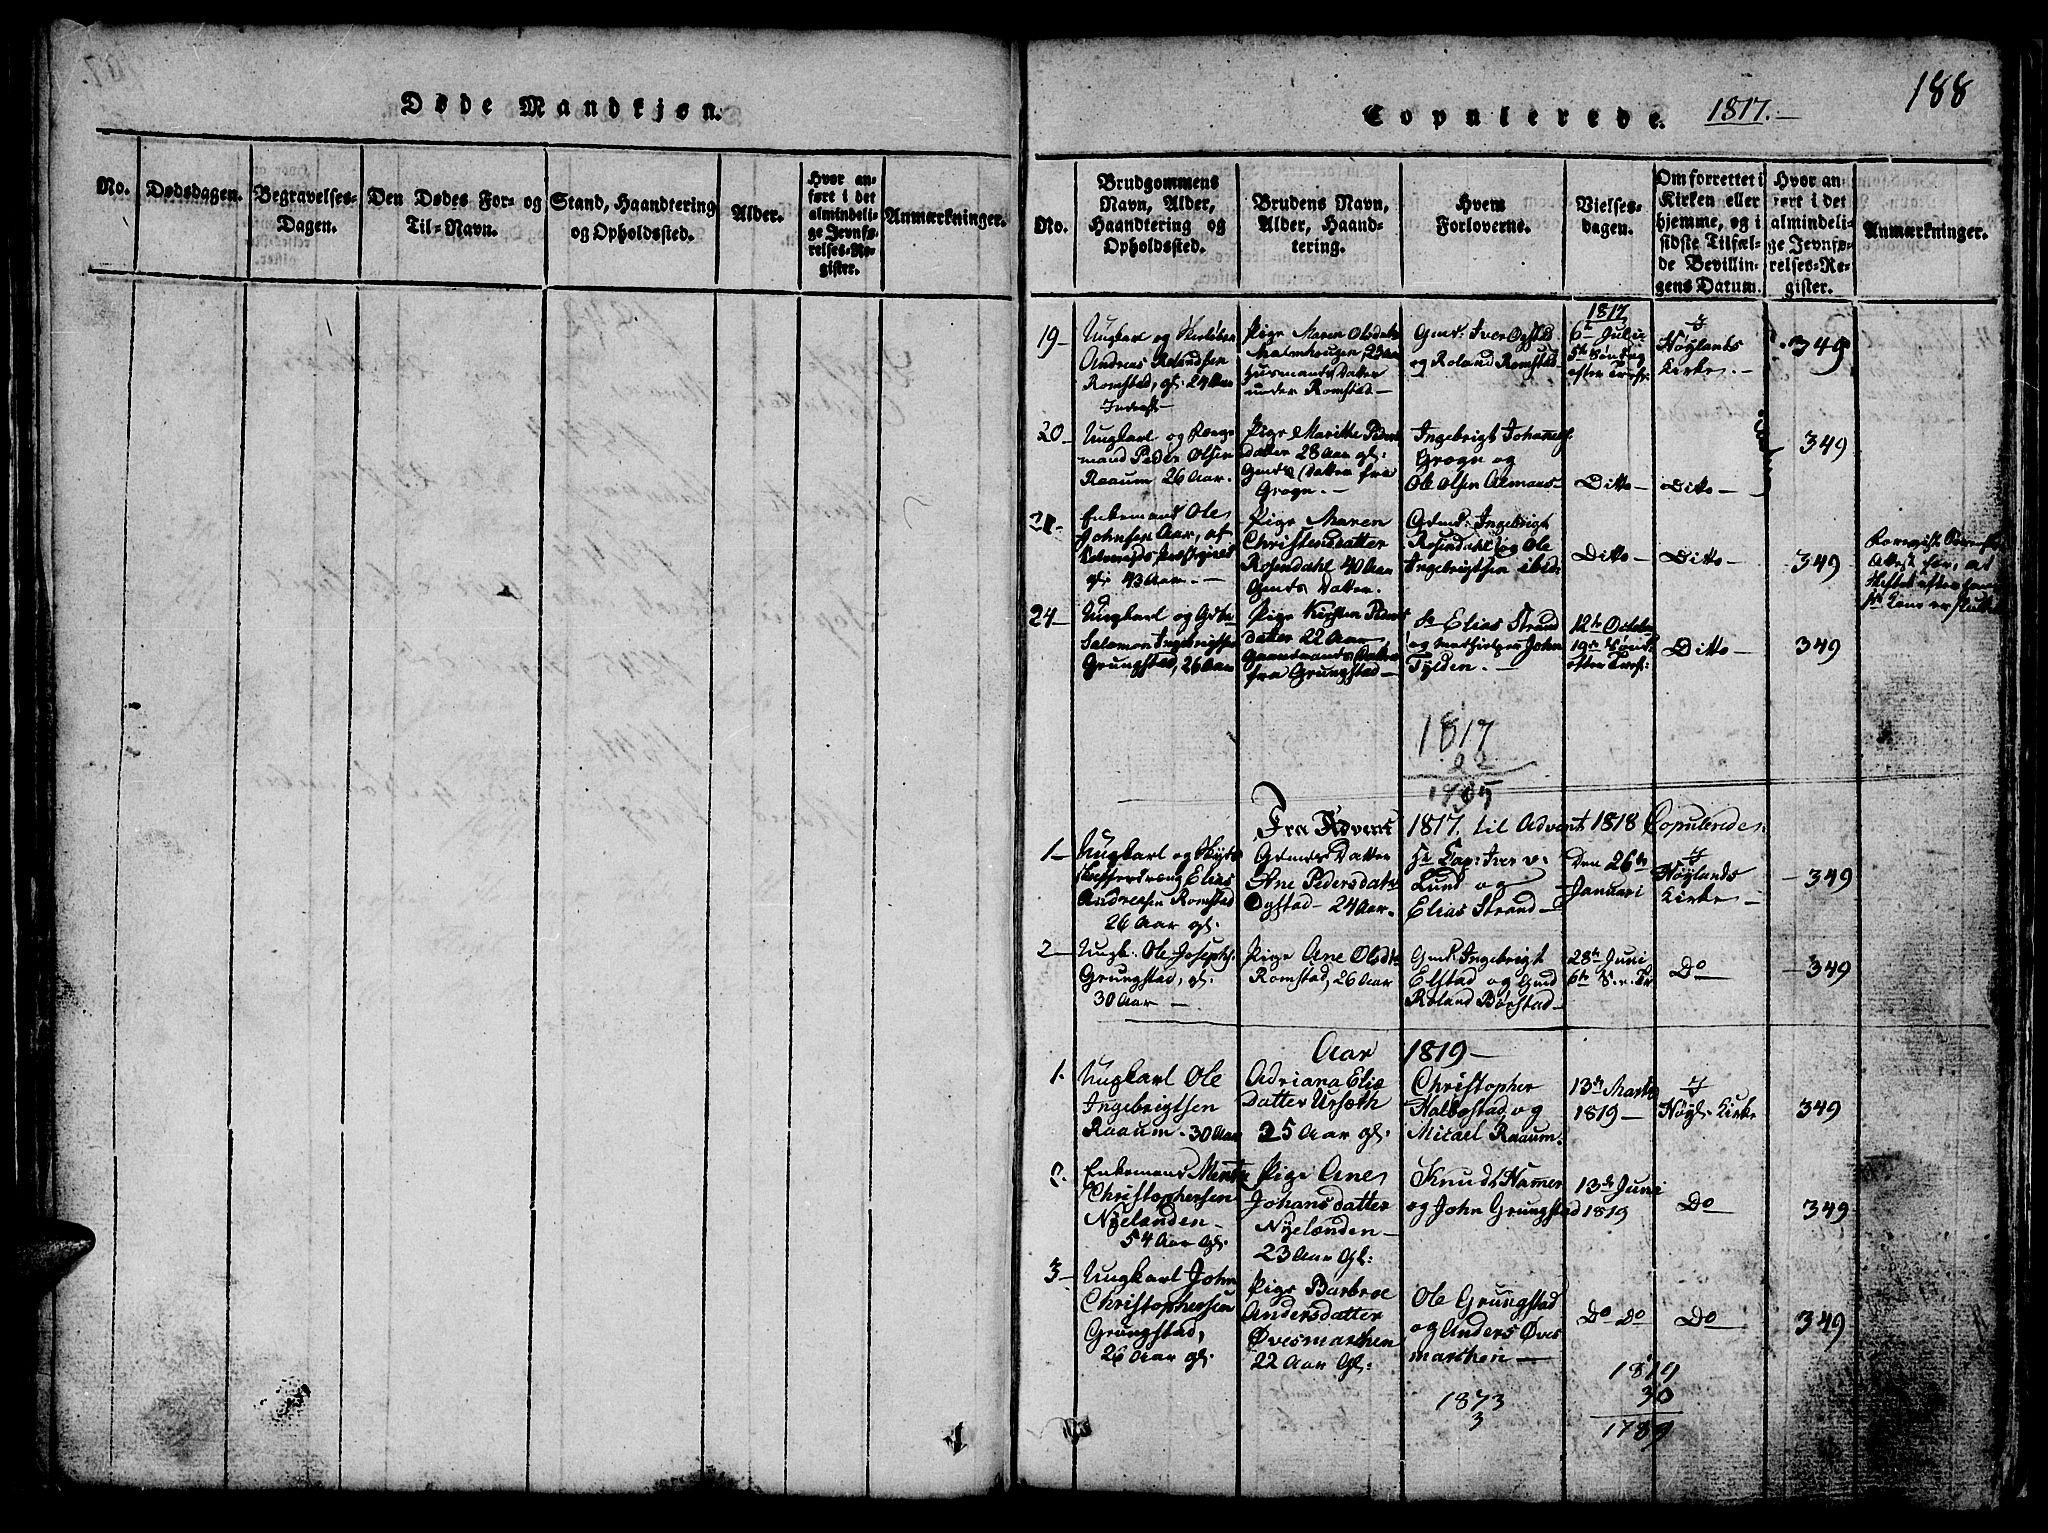 SAT, Ministerialprotokoller, klokkerbøker og fødselsregistre - Nord-Trøndelag, 765/L0562: Klokkerbok nr. 765C01, 1817-1851, s. 188